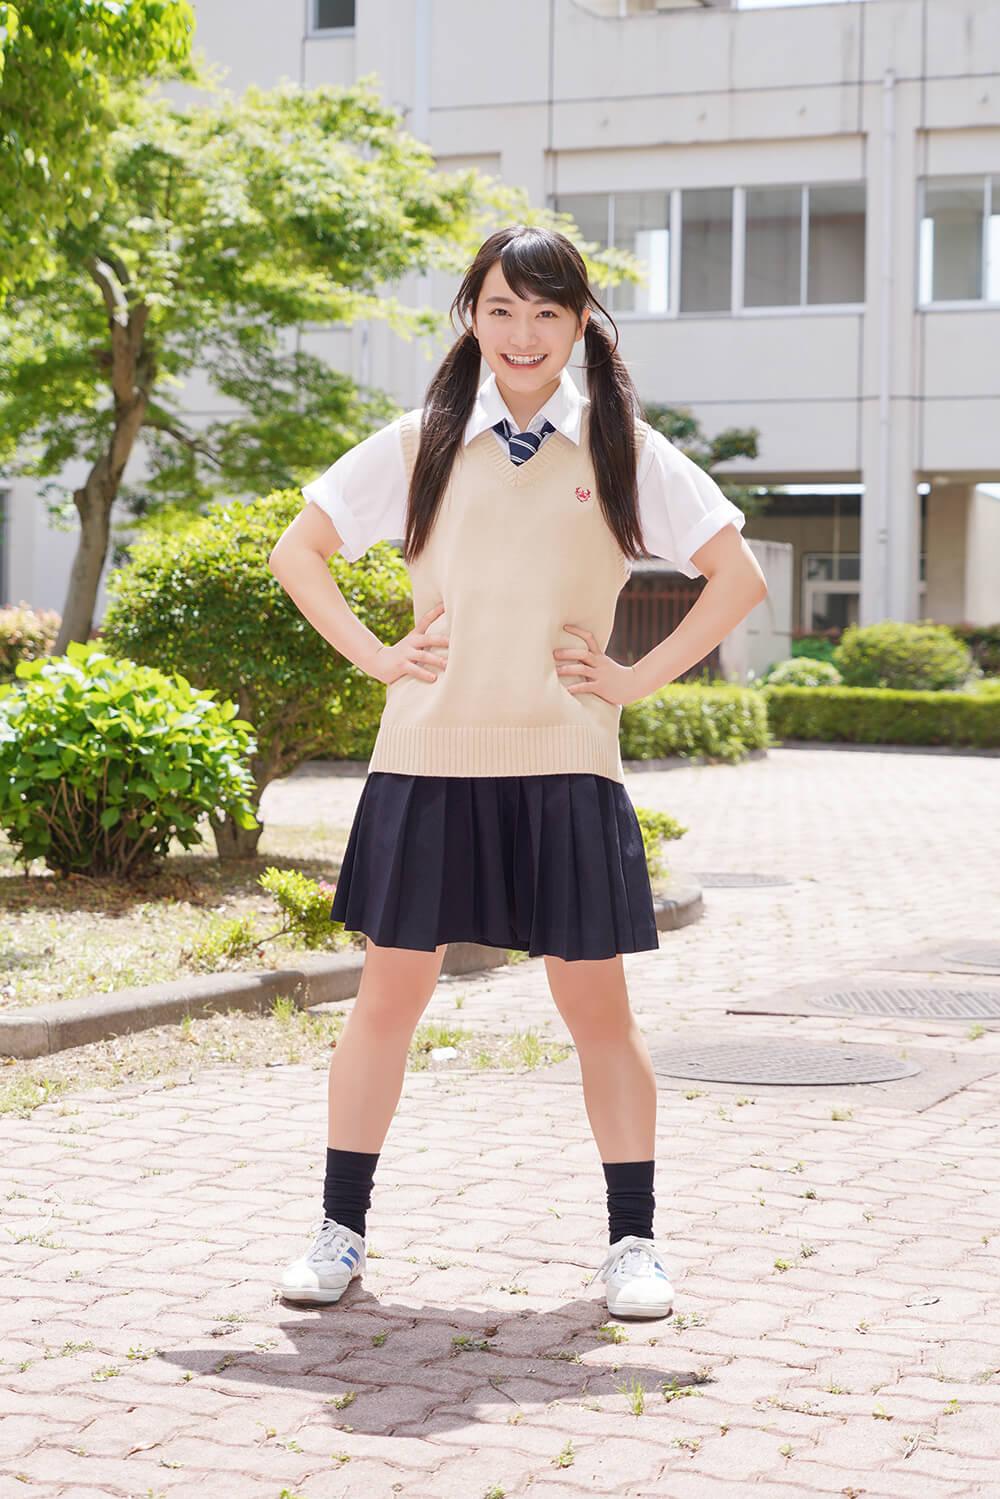 福田愛依、岡田健史主演ドラマのヒロイン・どん子のビジュアル公開サムネイル画像